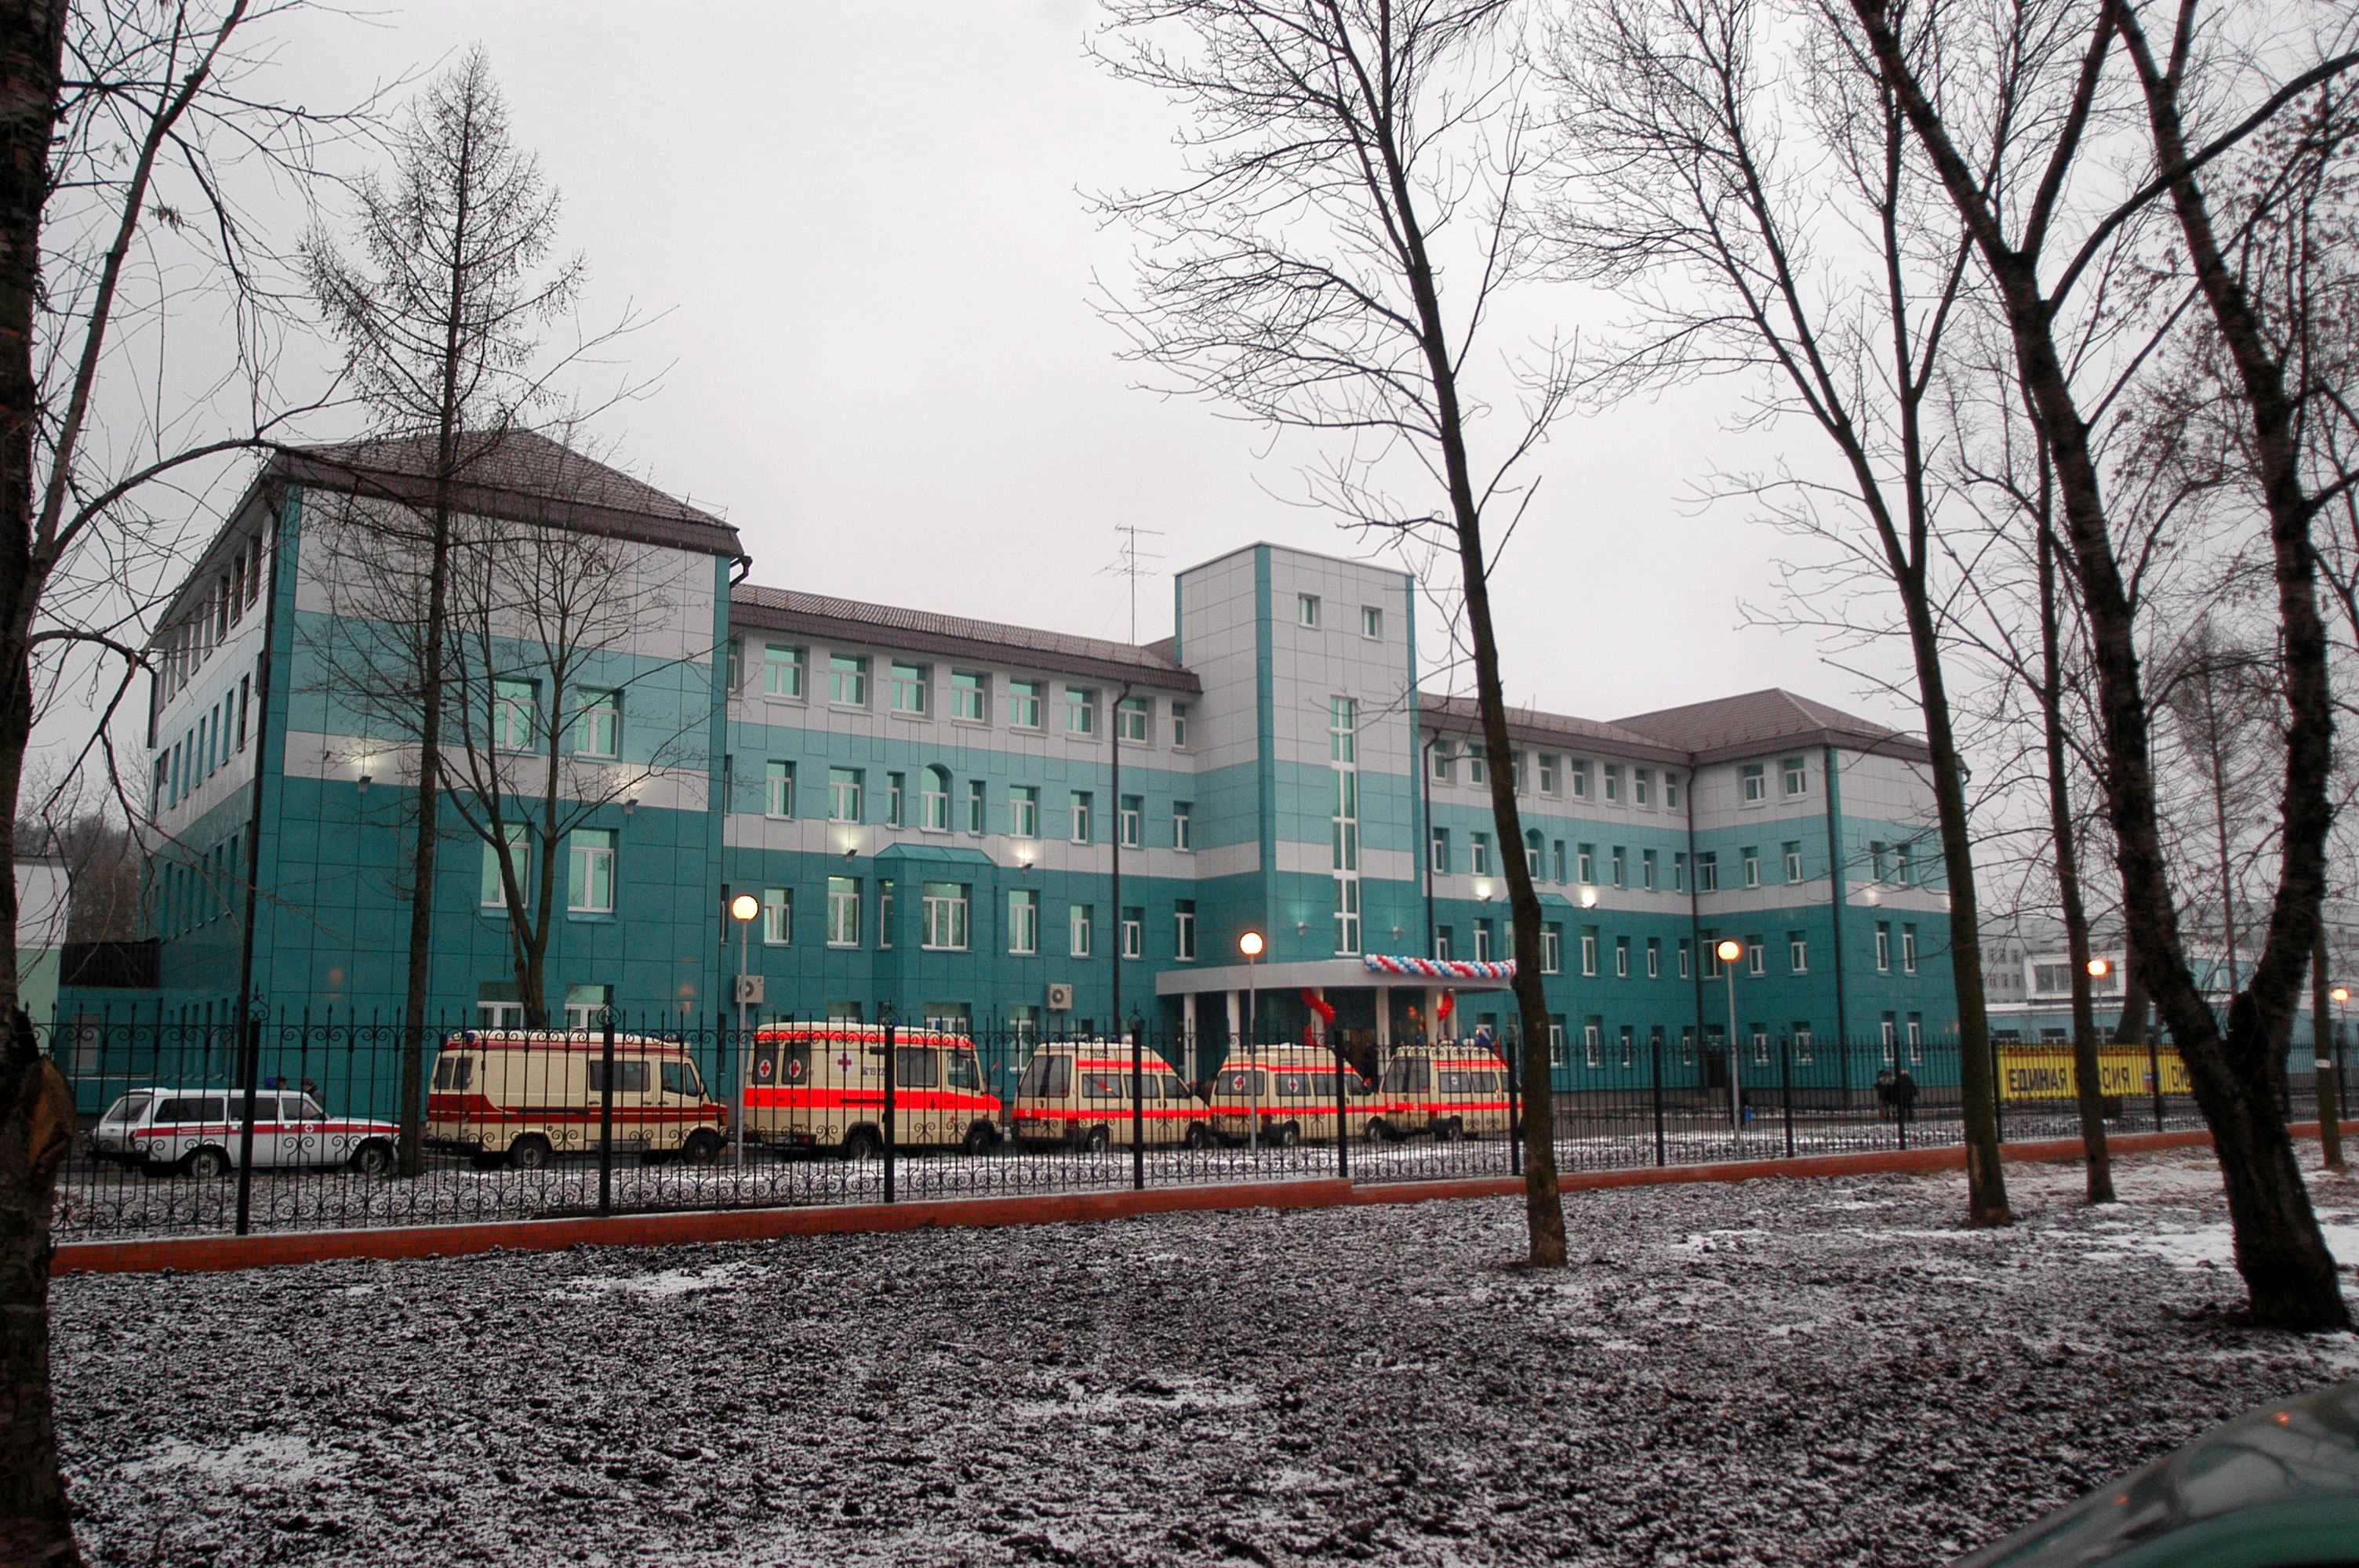 Адрес 7 городской клинической больницы г. москвы